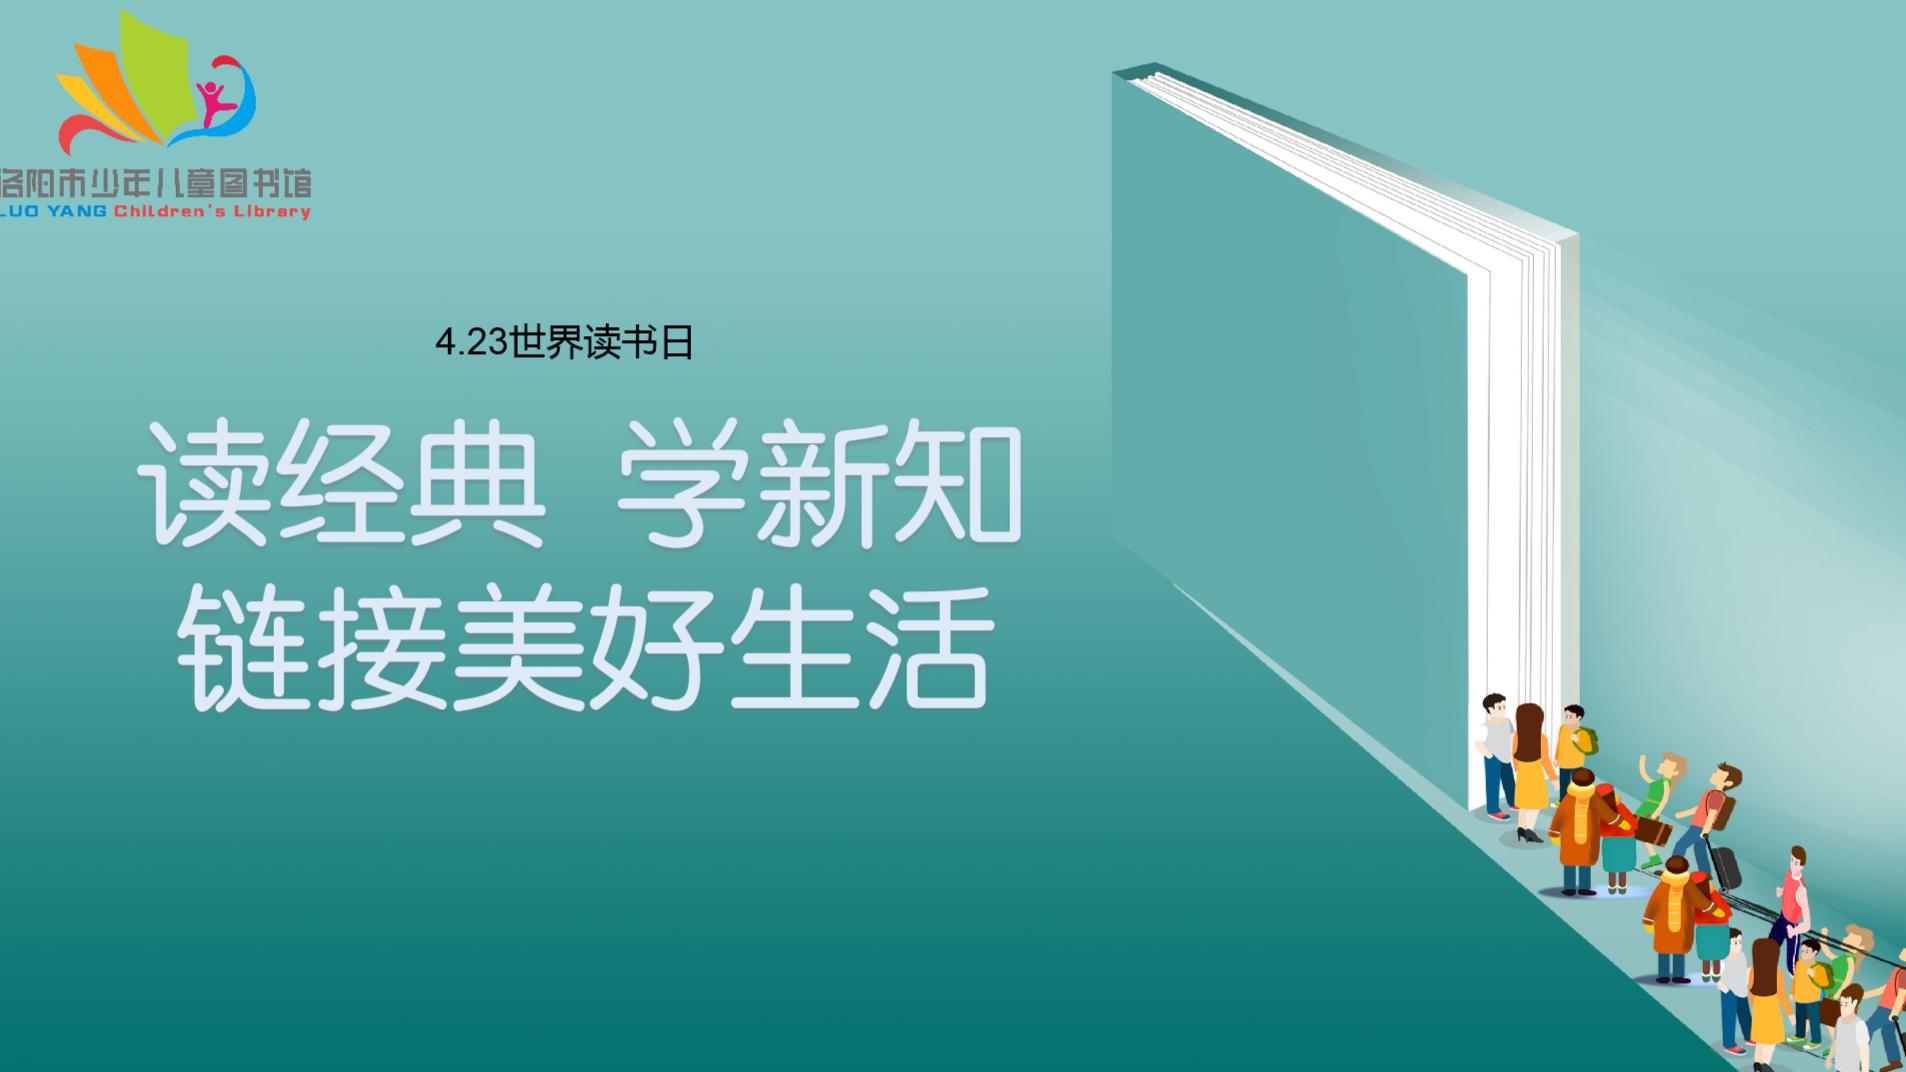 同城共读,万卷共知—4·23世界读书日全民阅读活动